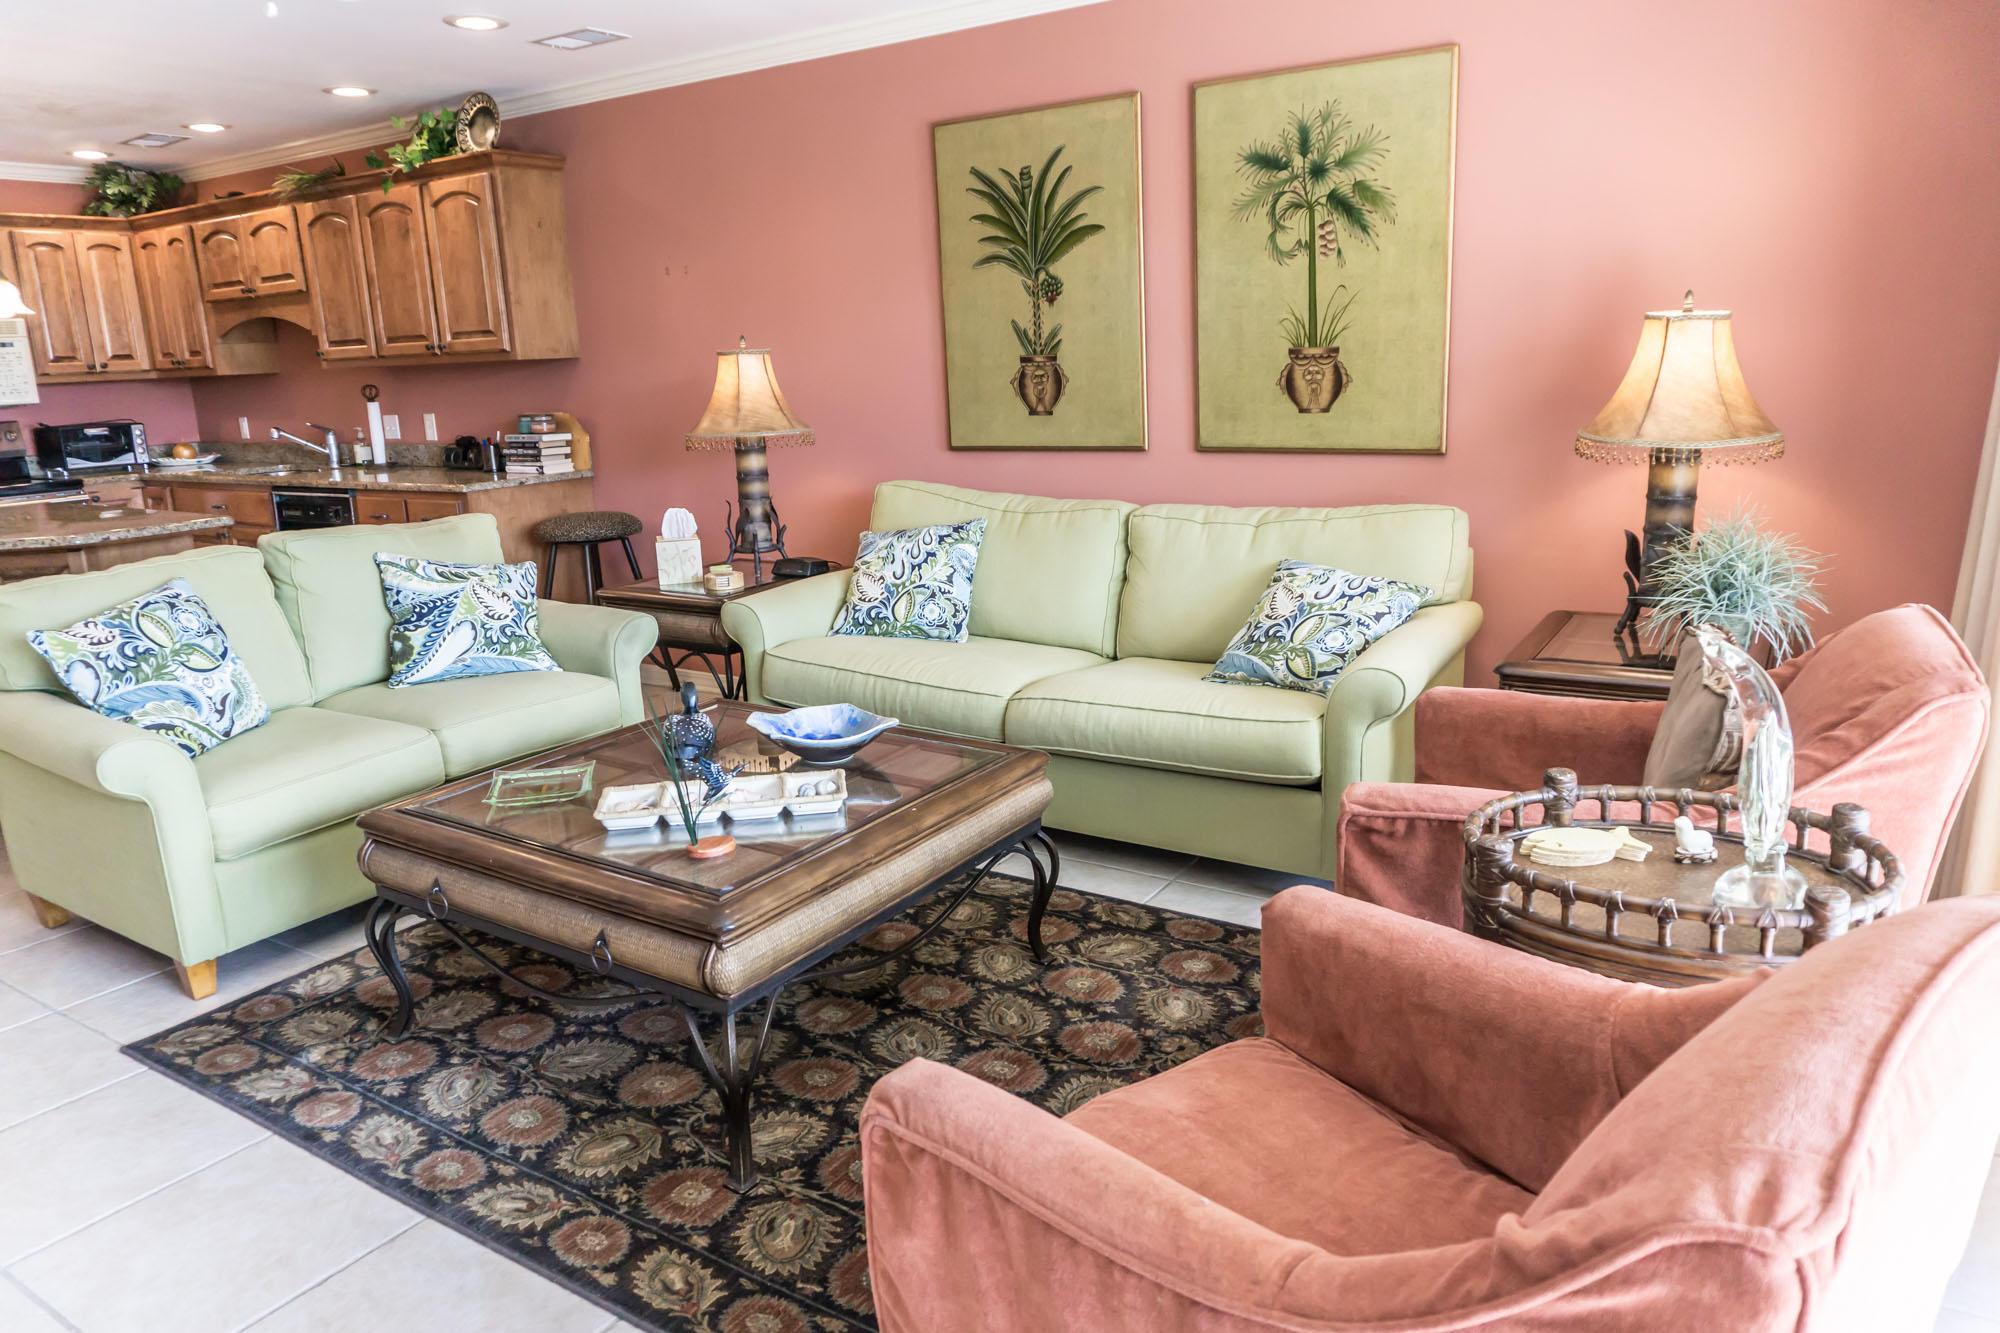 122 Stewart Lake,Miramar Beach,Florida 32550,3 Bedrooms Bedrooms,3 BathroomsBathrooms,Condominium,Stewart Lake,20131126143817002353000000